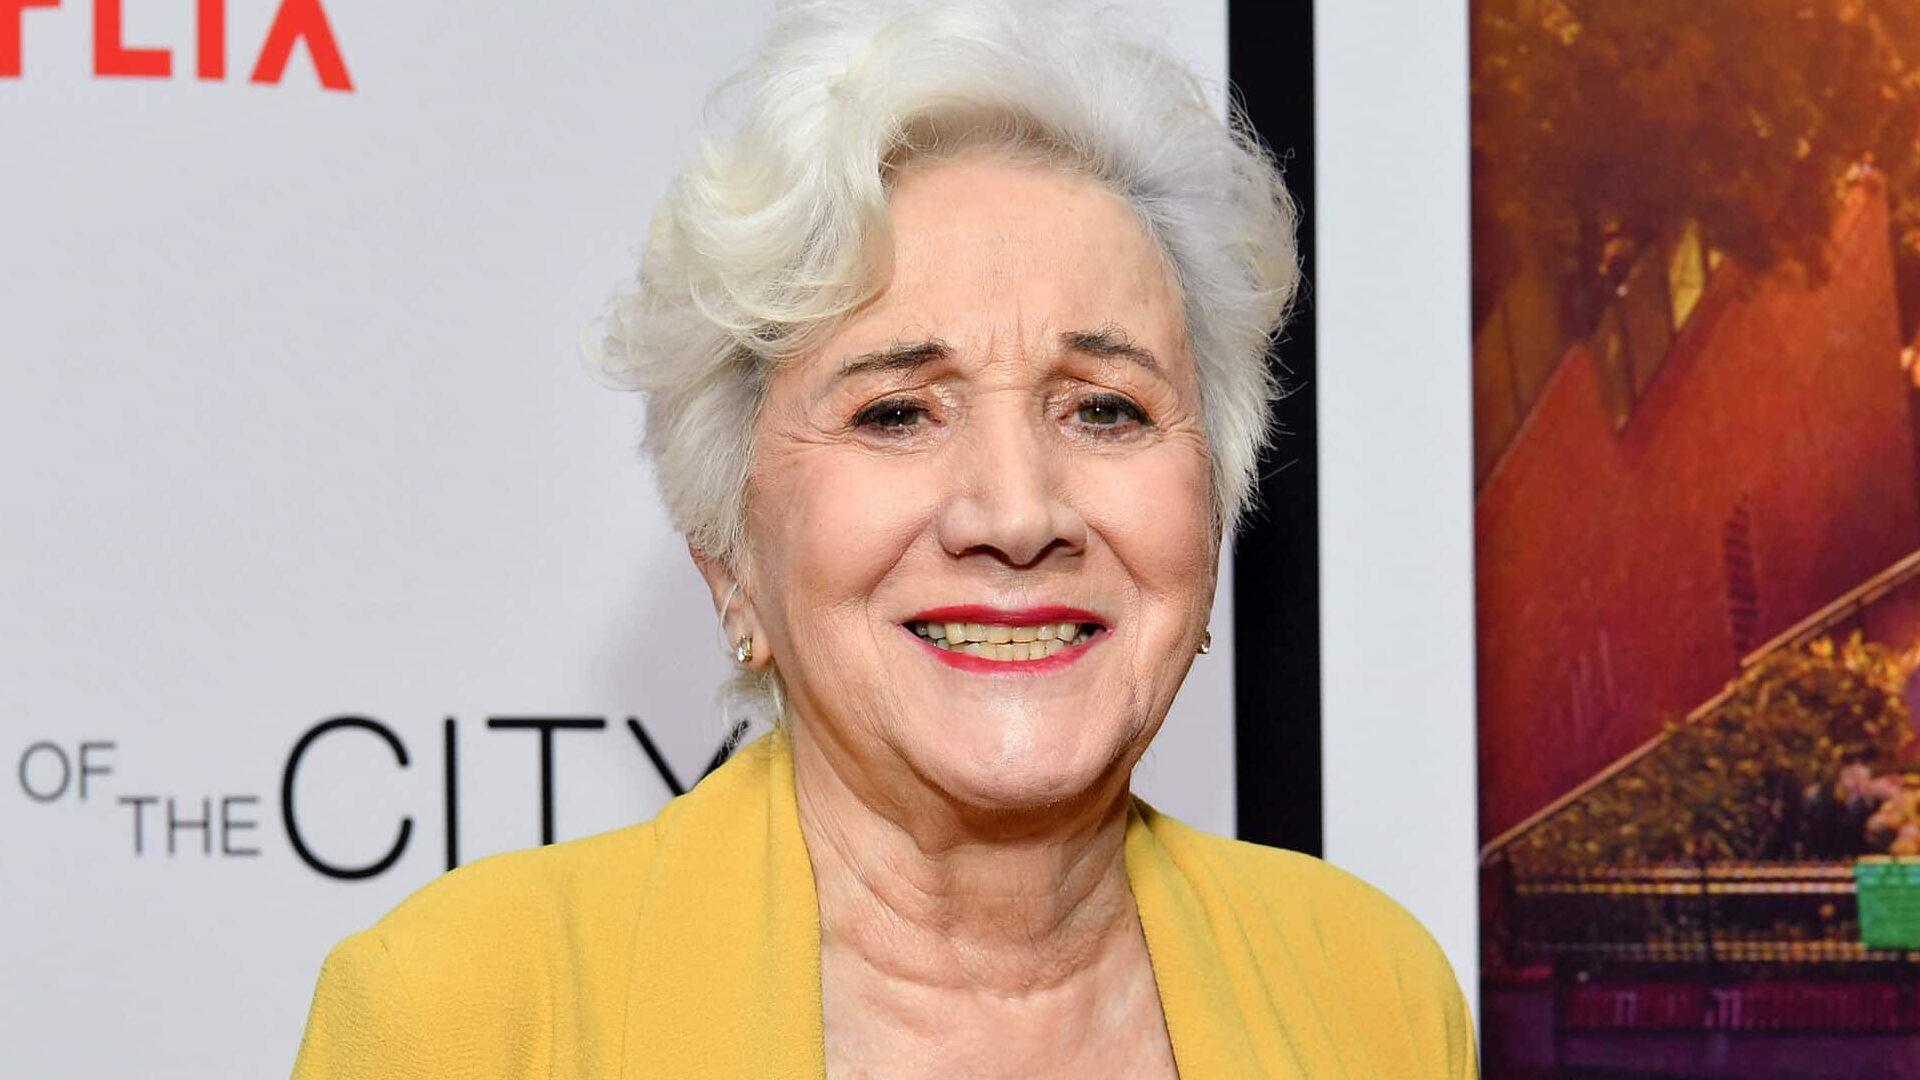 Morta Olympia Dukakis, attrice Premio Oscar nel 1988 per Stregata dalla luna